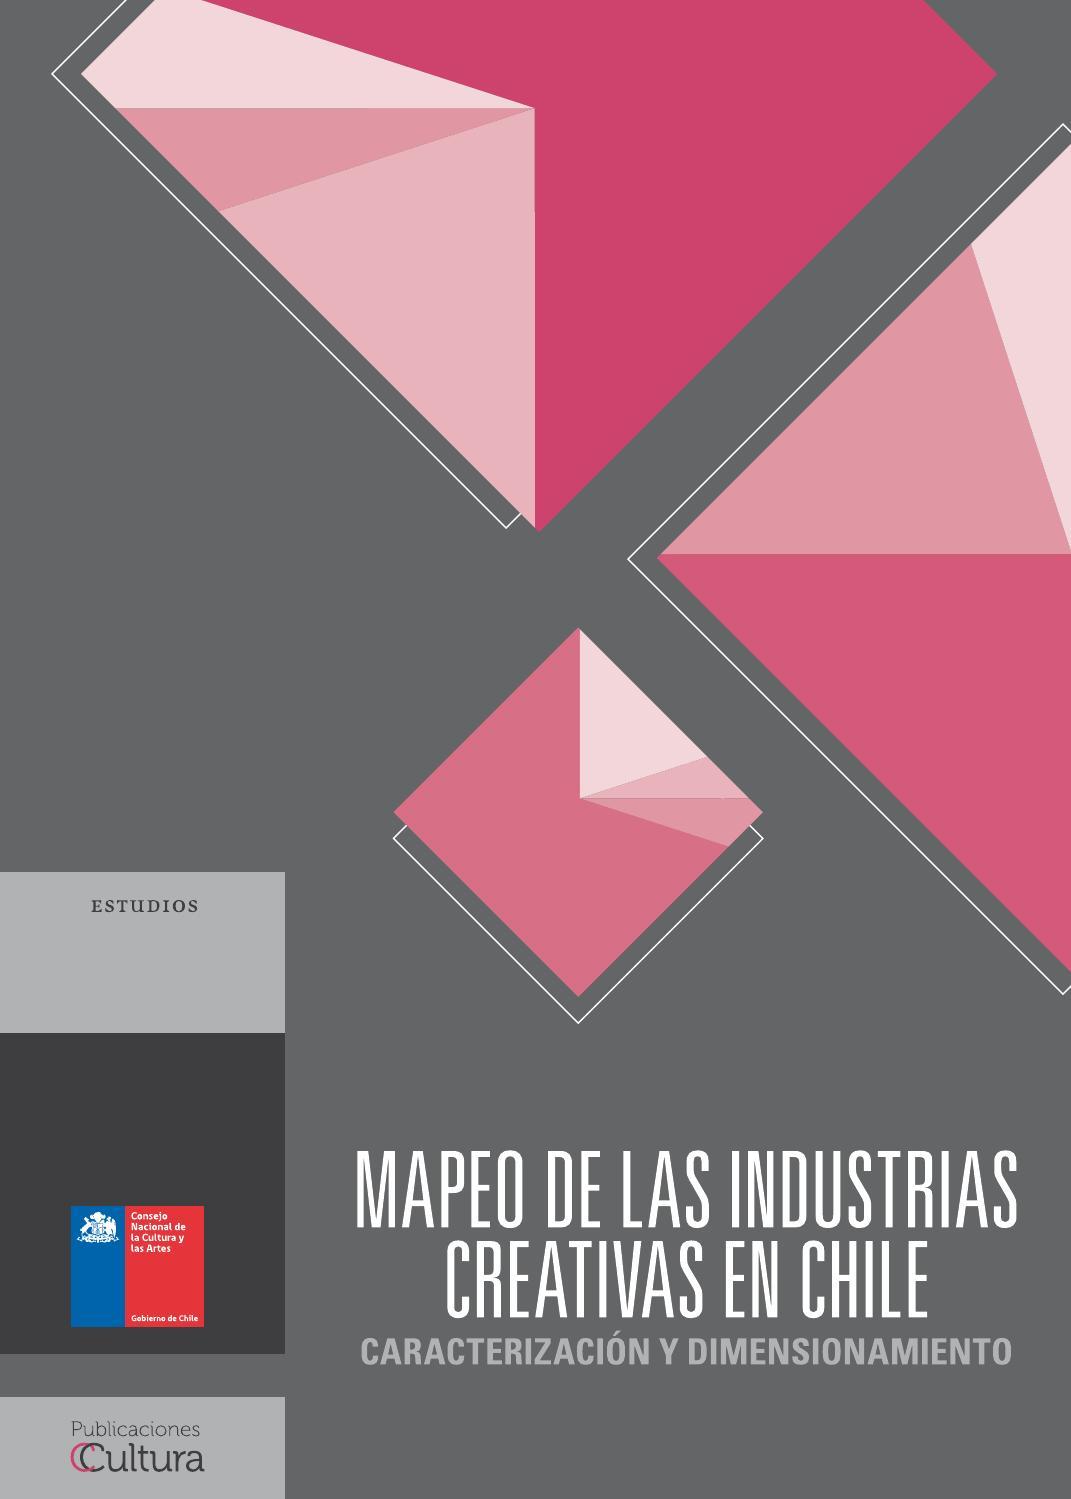 Cosas Interesantes Sin Clasificacion - Magazine cover